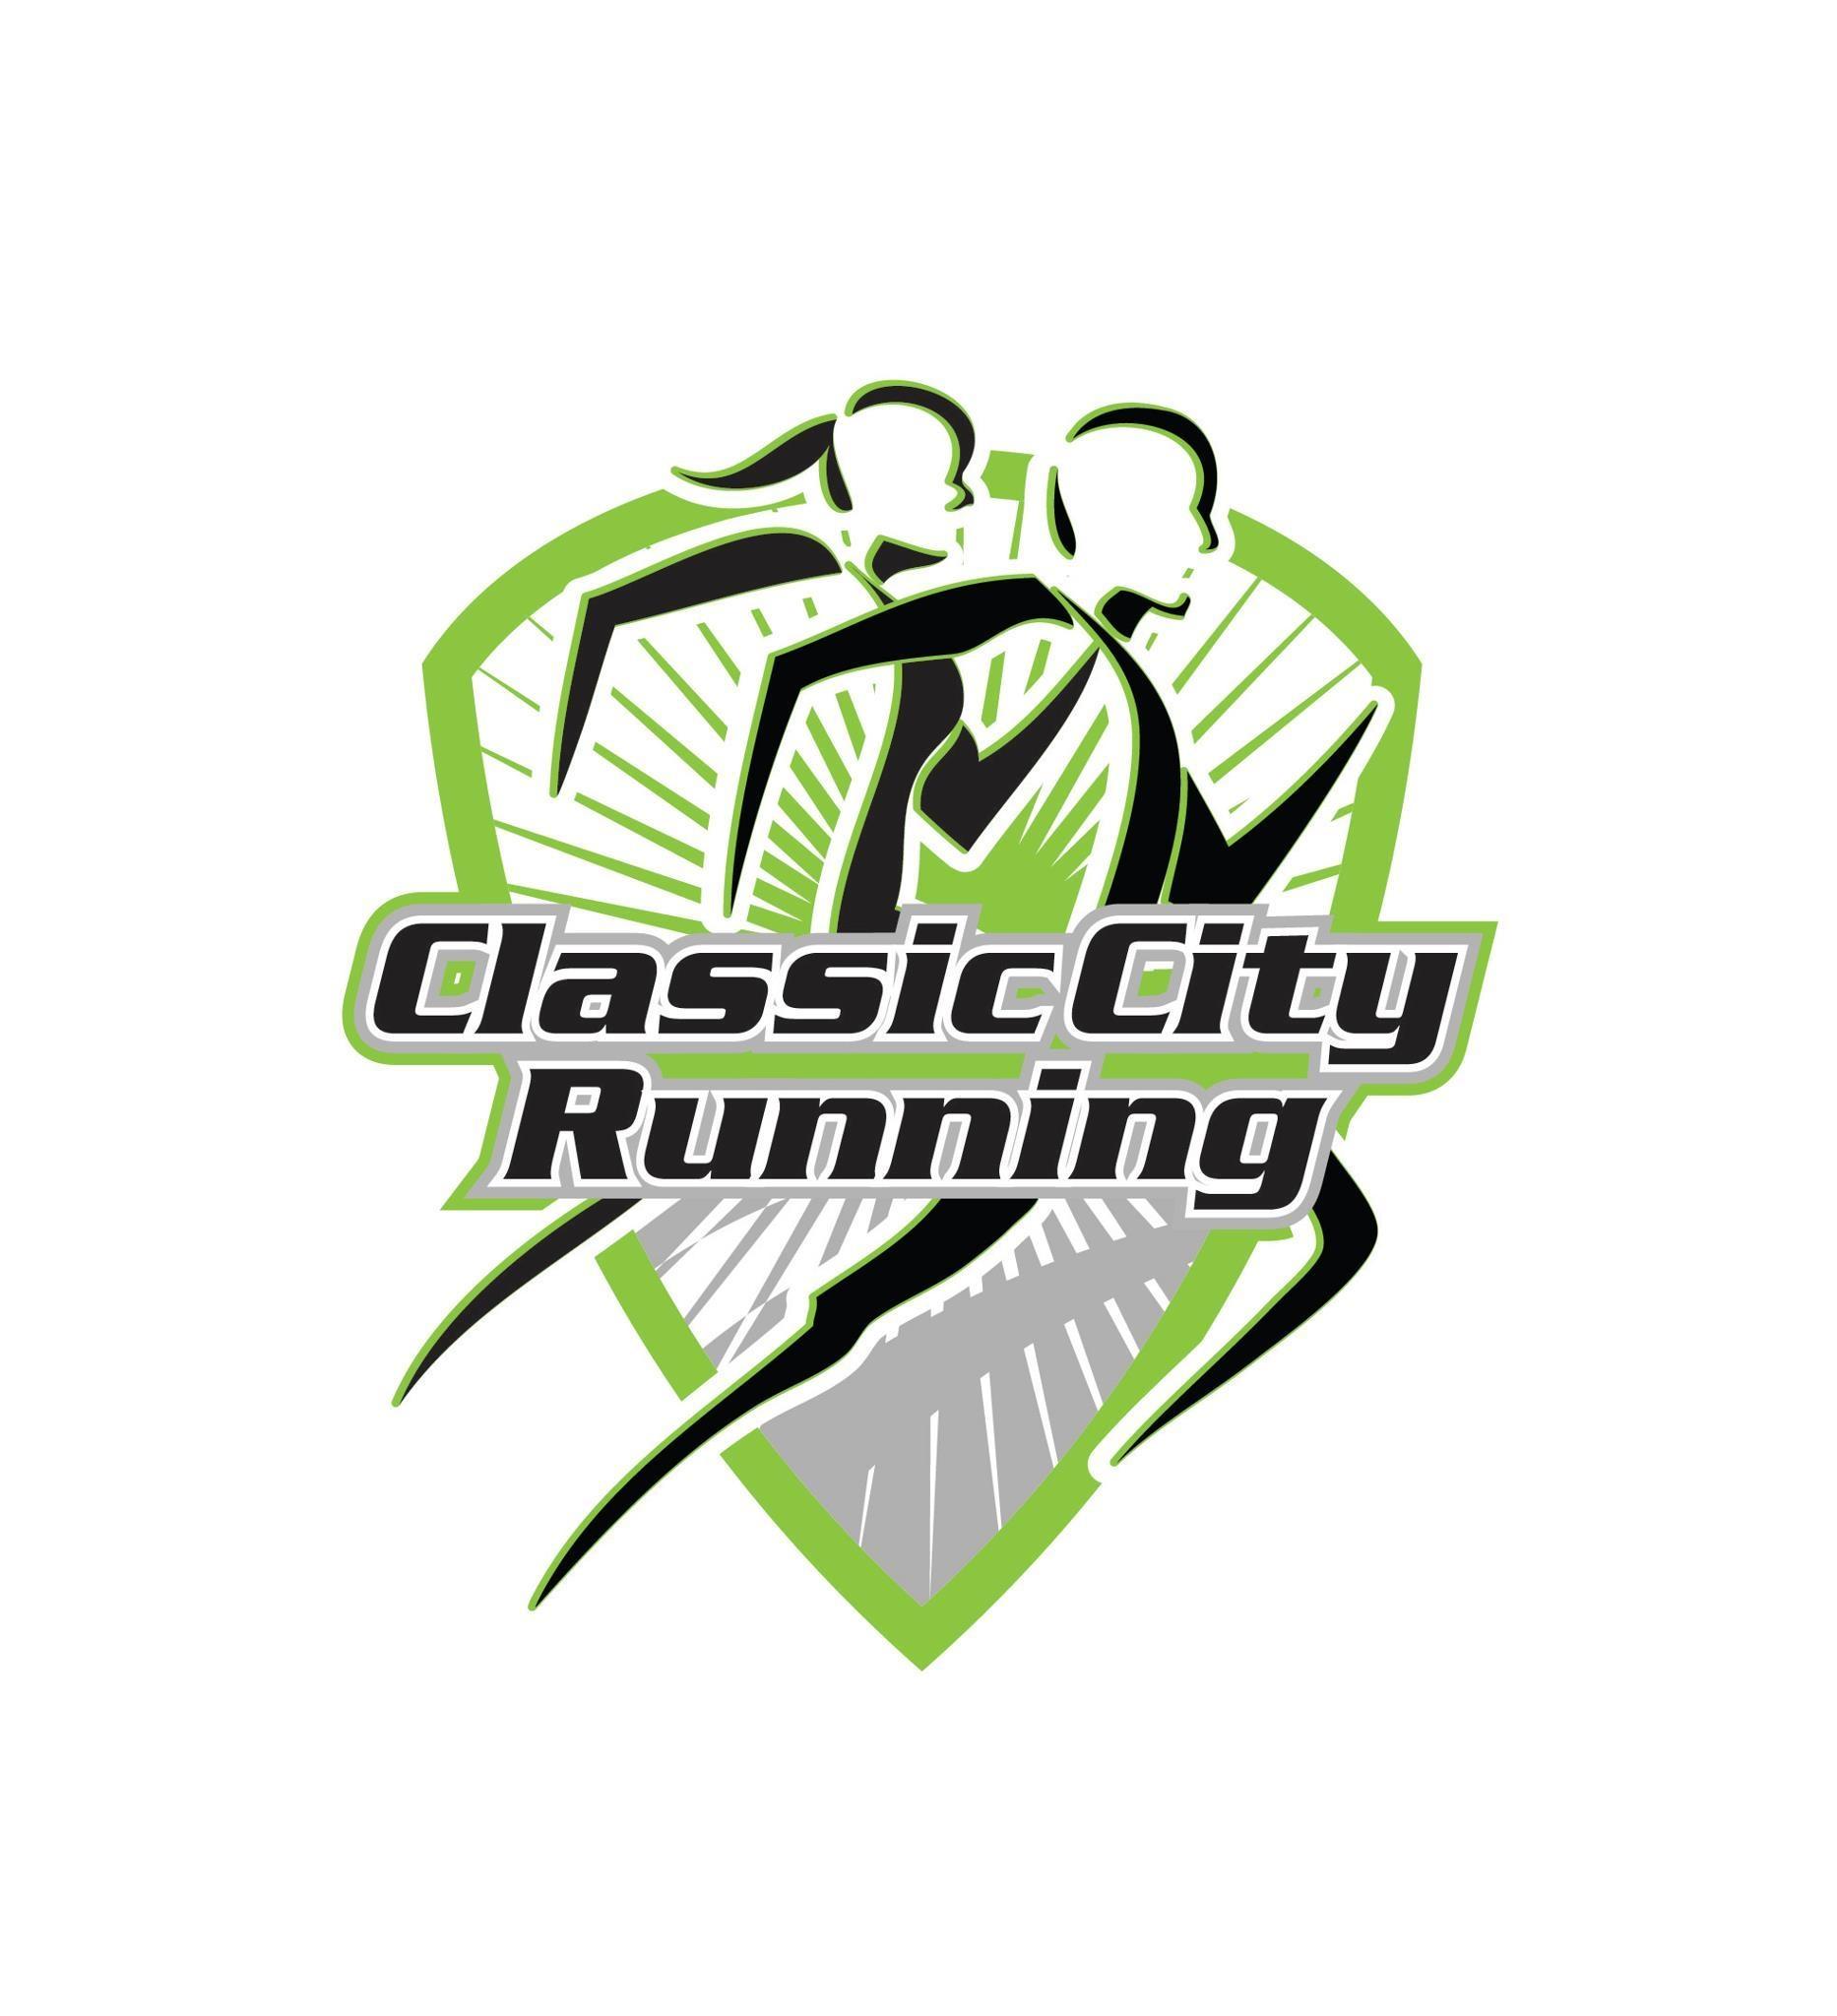 Classic City Running